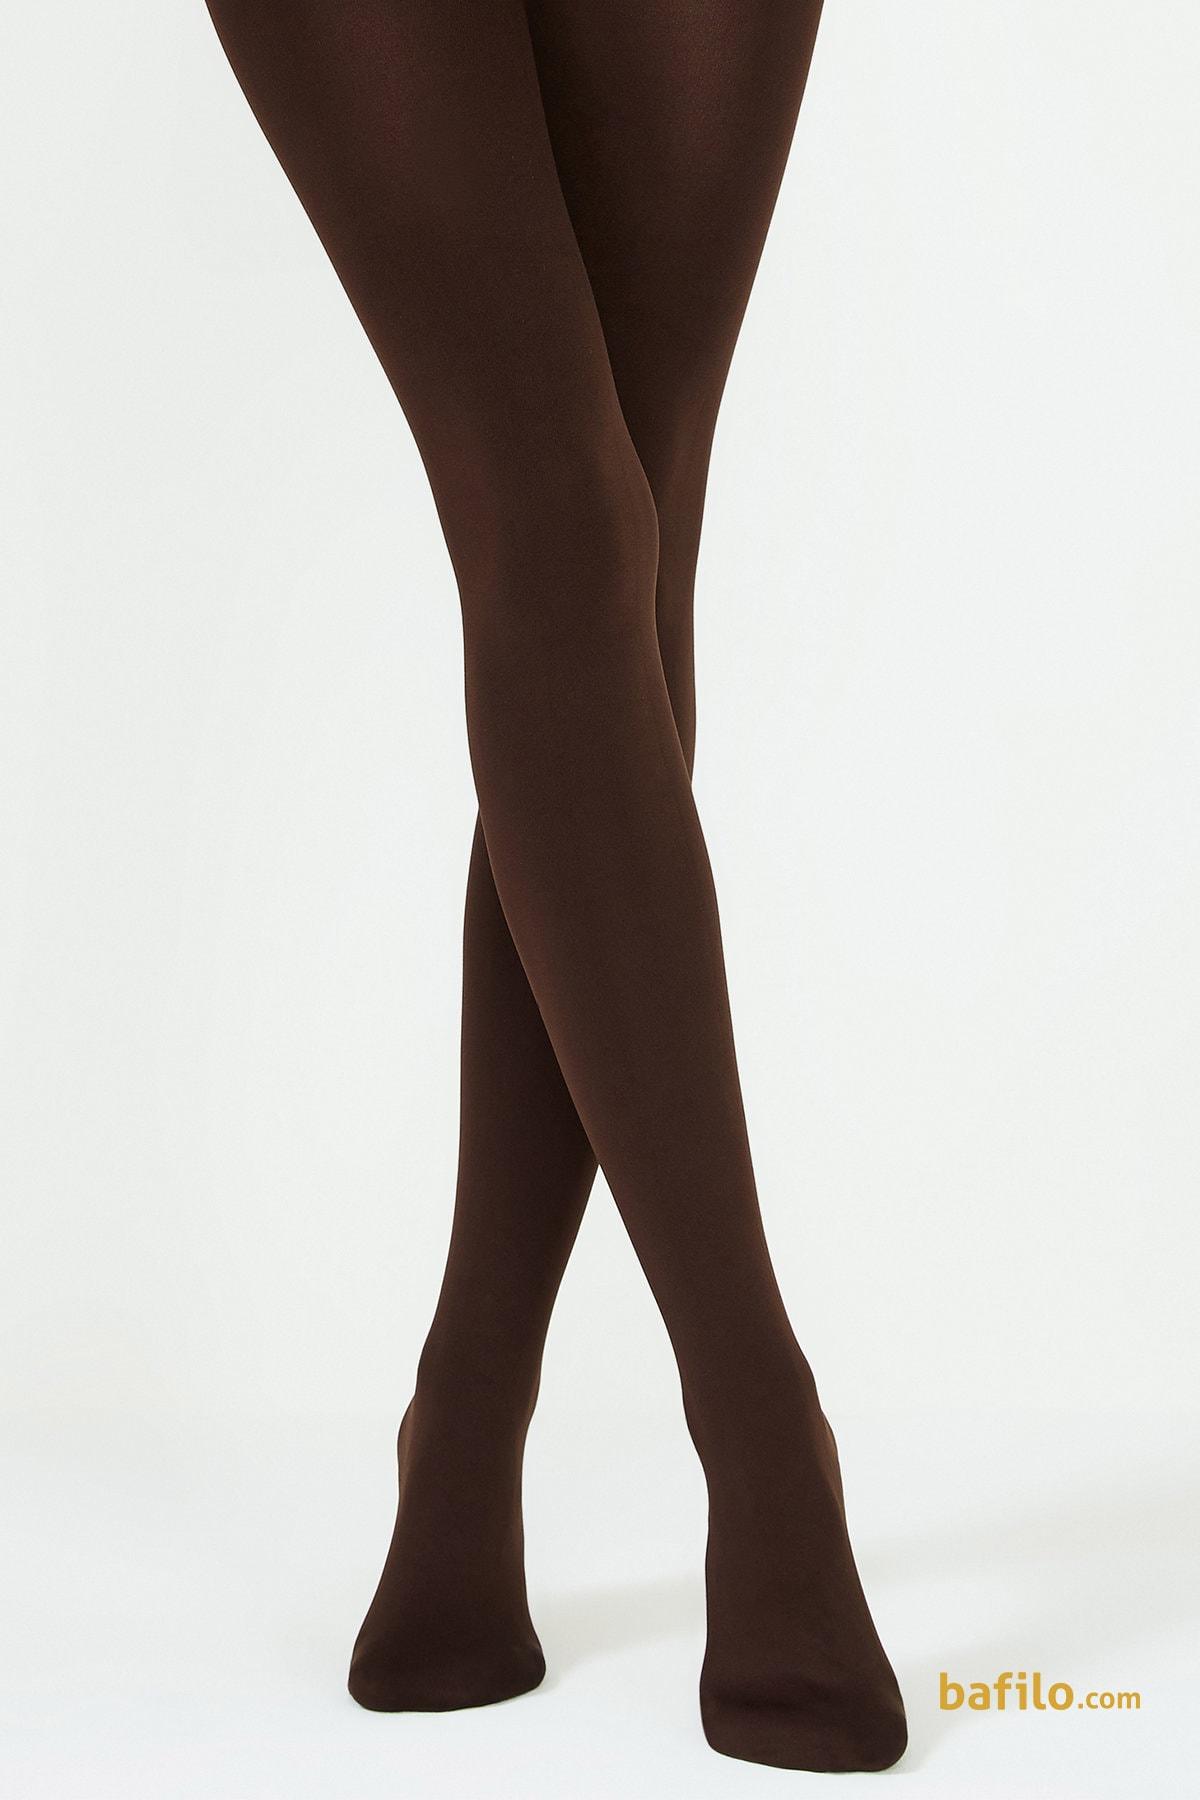 پنتی | Penti - جوراب شلواری ضخیم زنانه پنتی  Mikro 200 قهوه ای سوخته